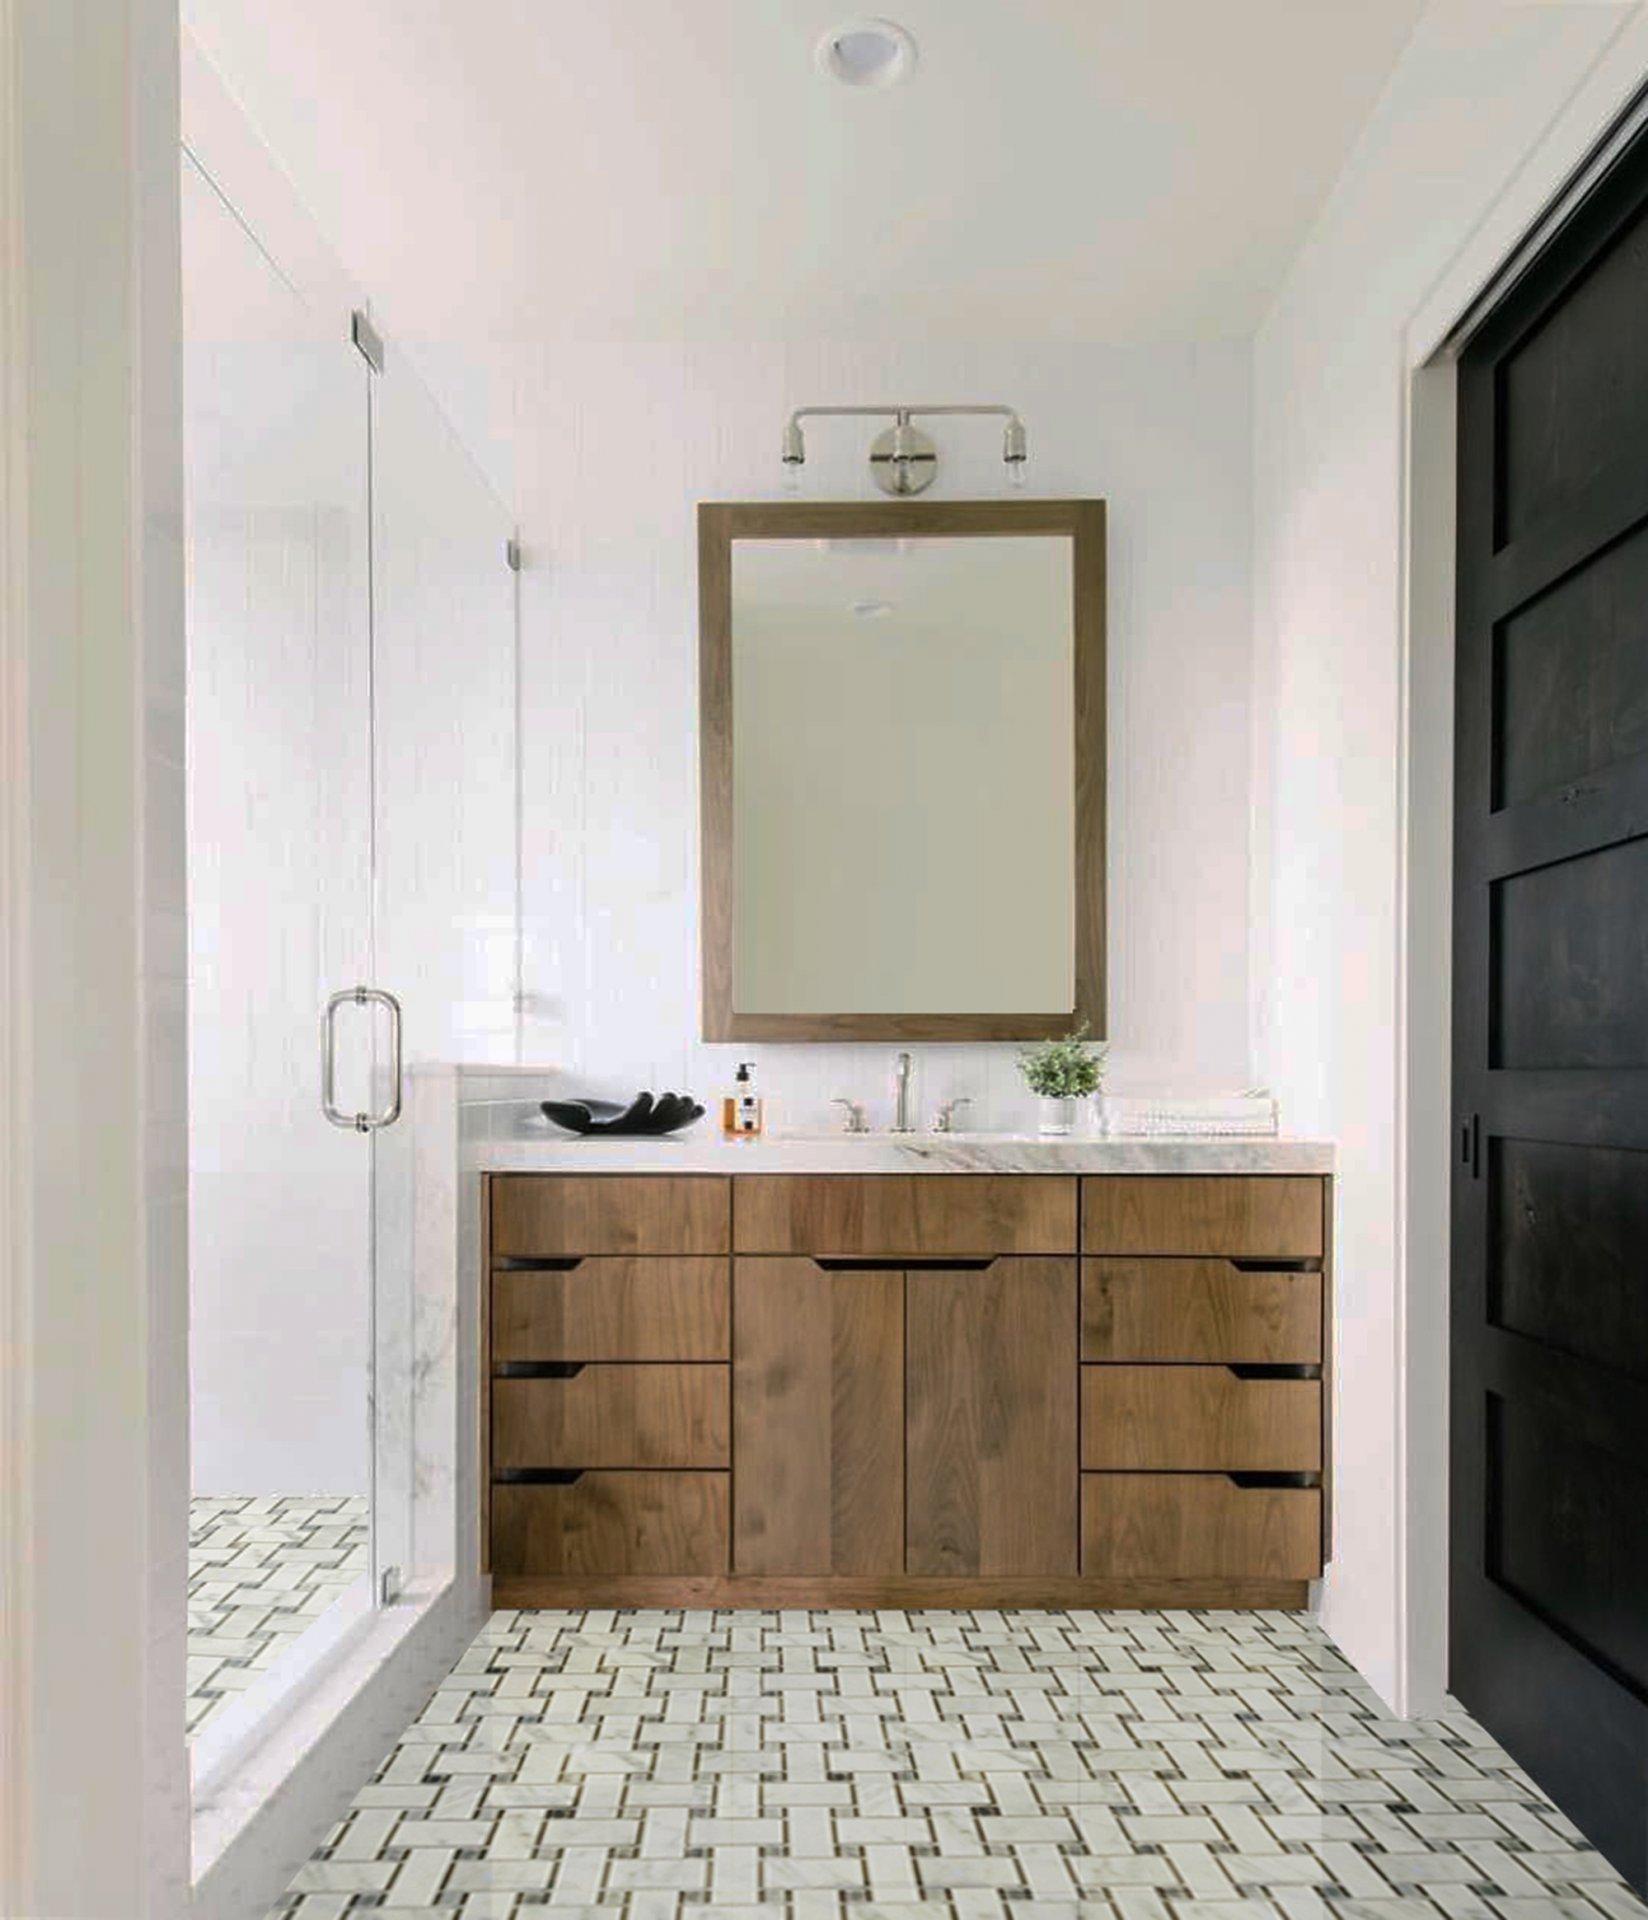 TWEED BIANCO CARRARA W GREY DOTS MARBLE PObathroom